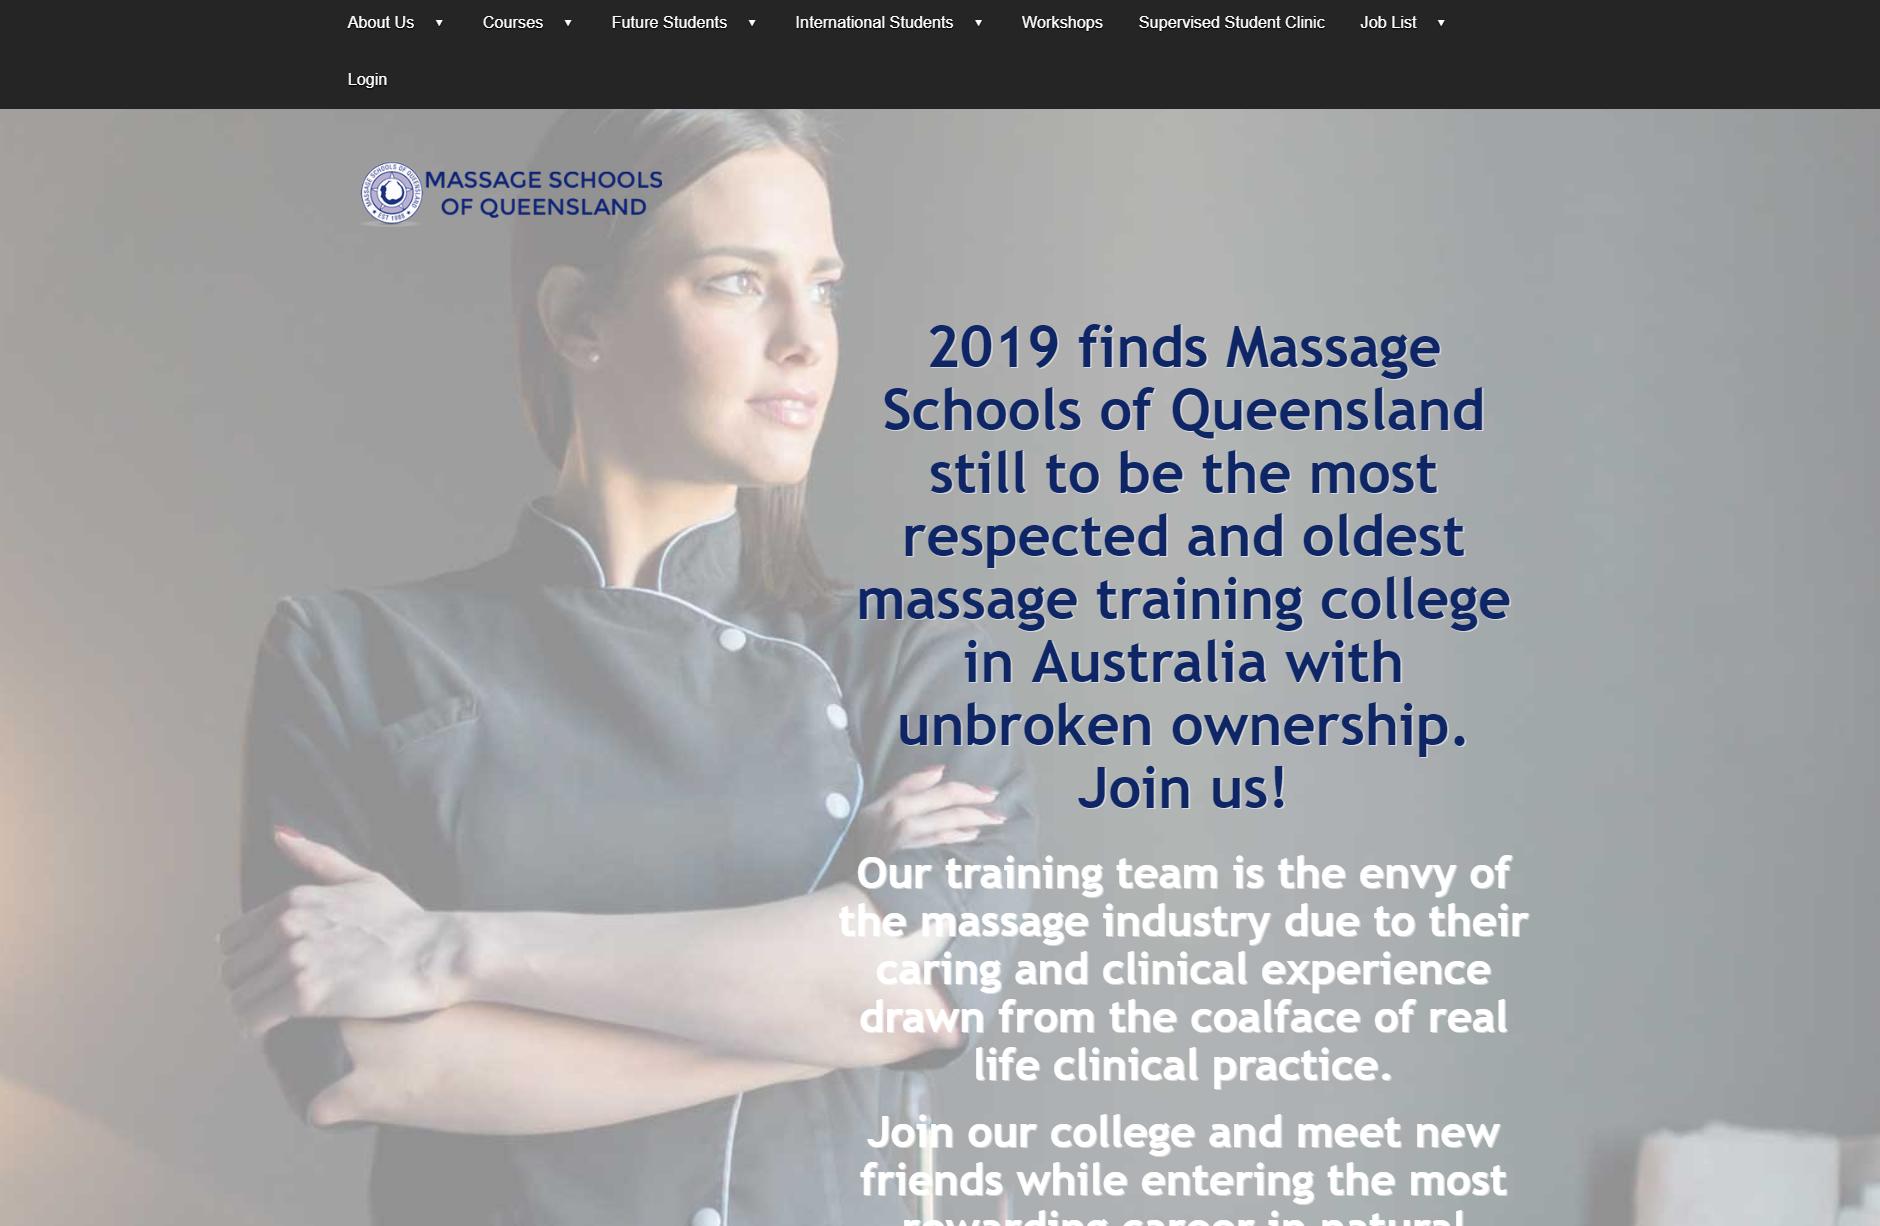 Massage Schools of Queensland(MSQ)